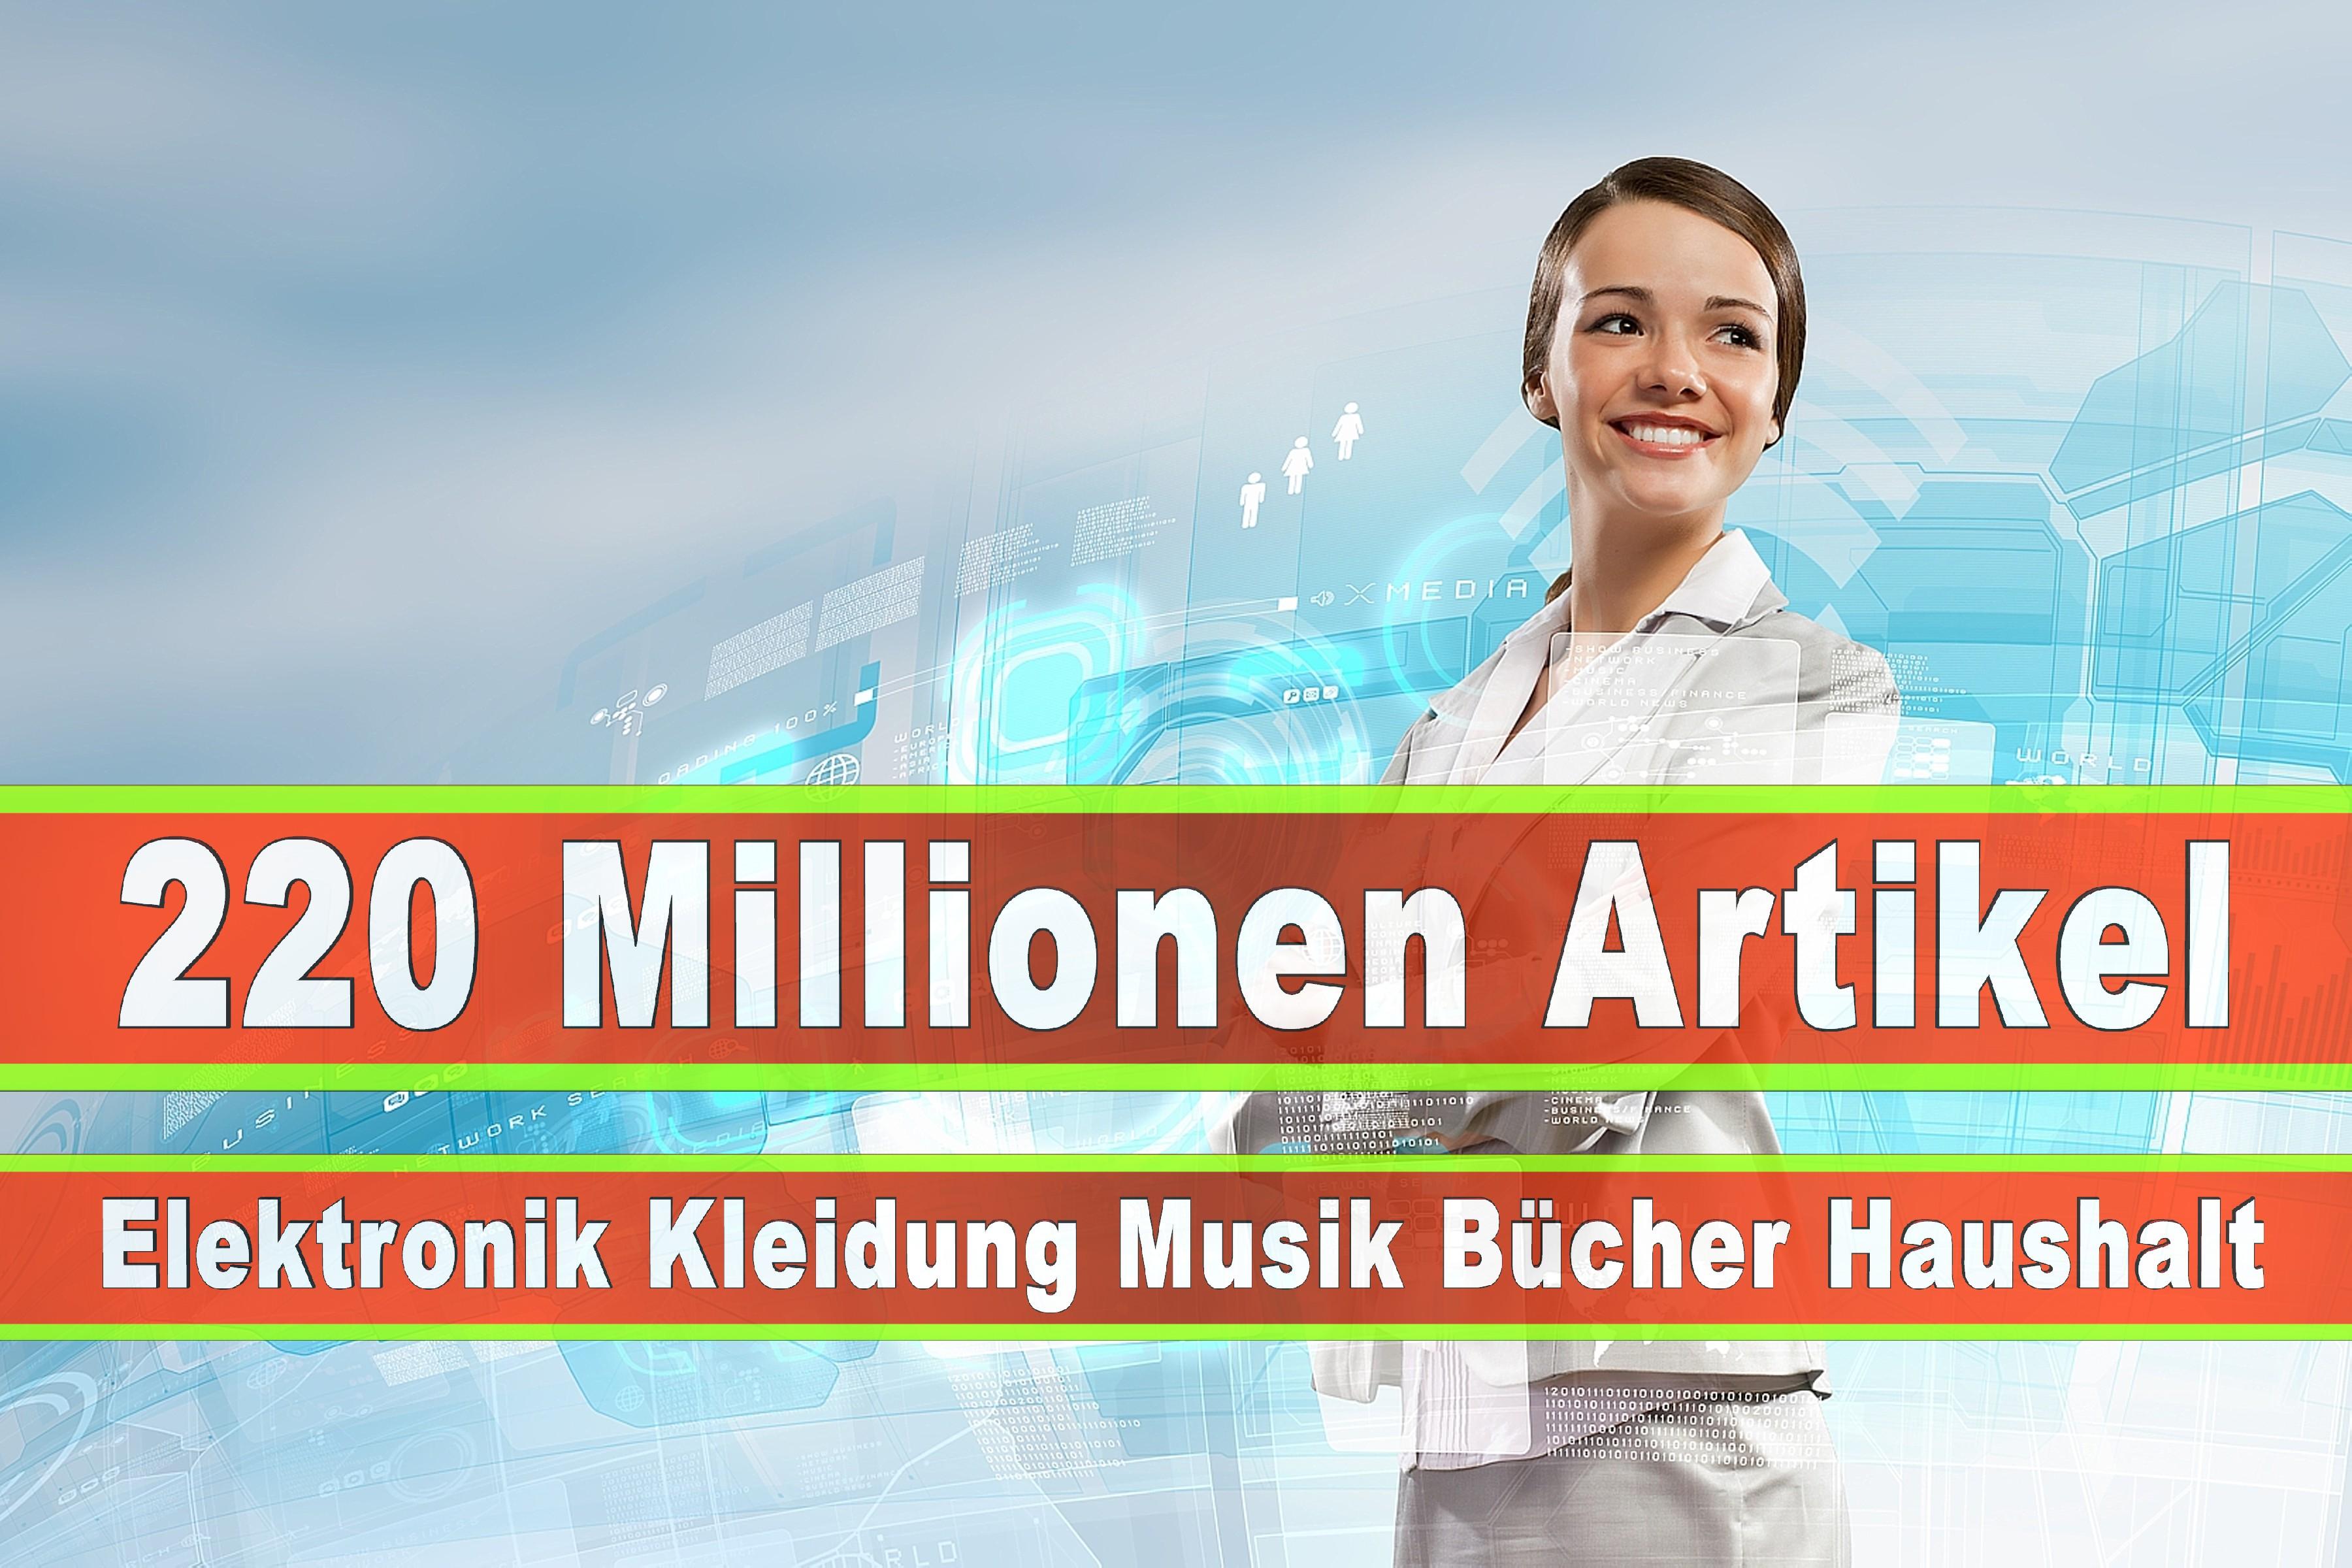 Amazon Elektronik Musik Haushalt Bücher CD DVD Handys Smartphones TV Television Fernseher Kleidung Mode Ebay Versandhaus (46)